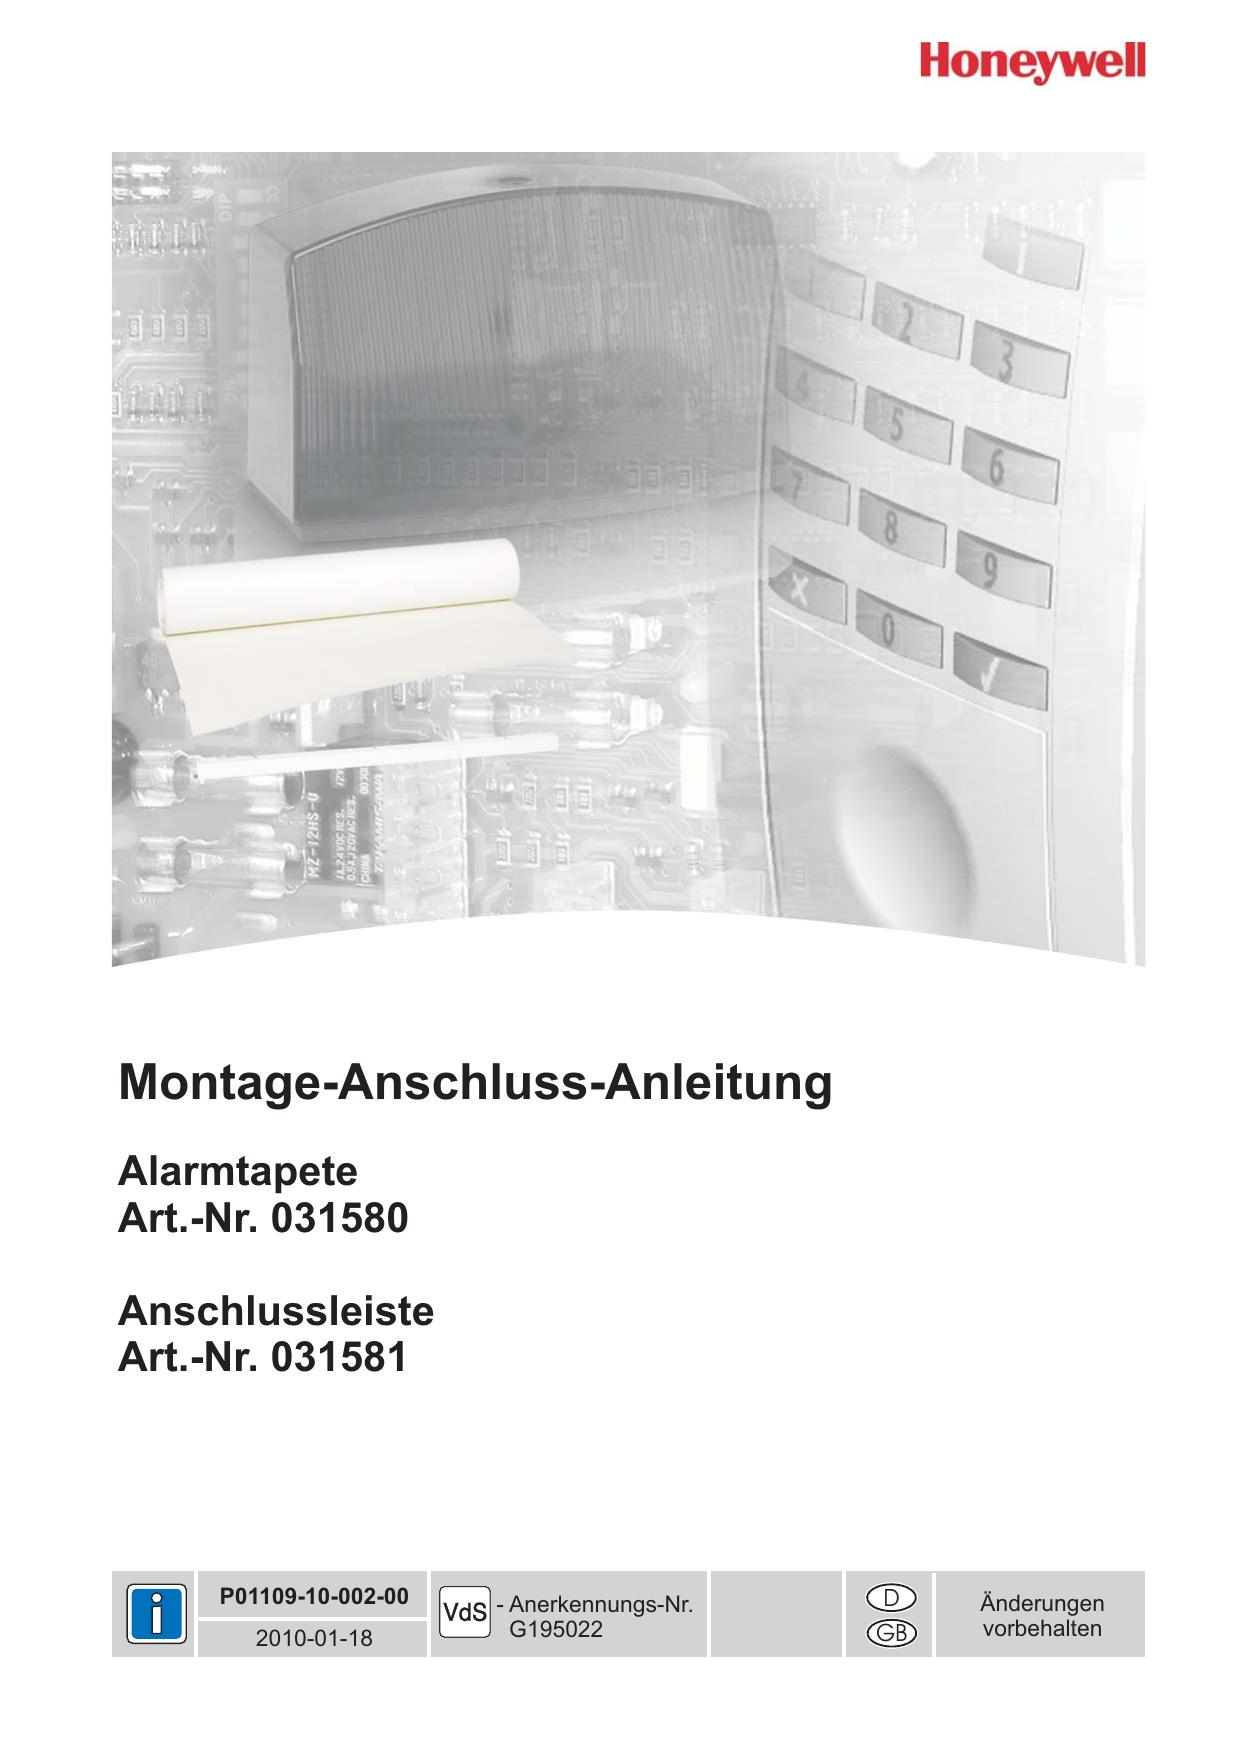 Großartig Verdrahtungsschema Des Luftverteilers Galerie ...